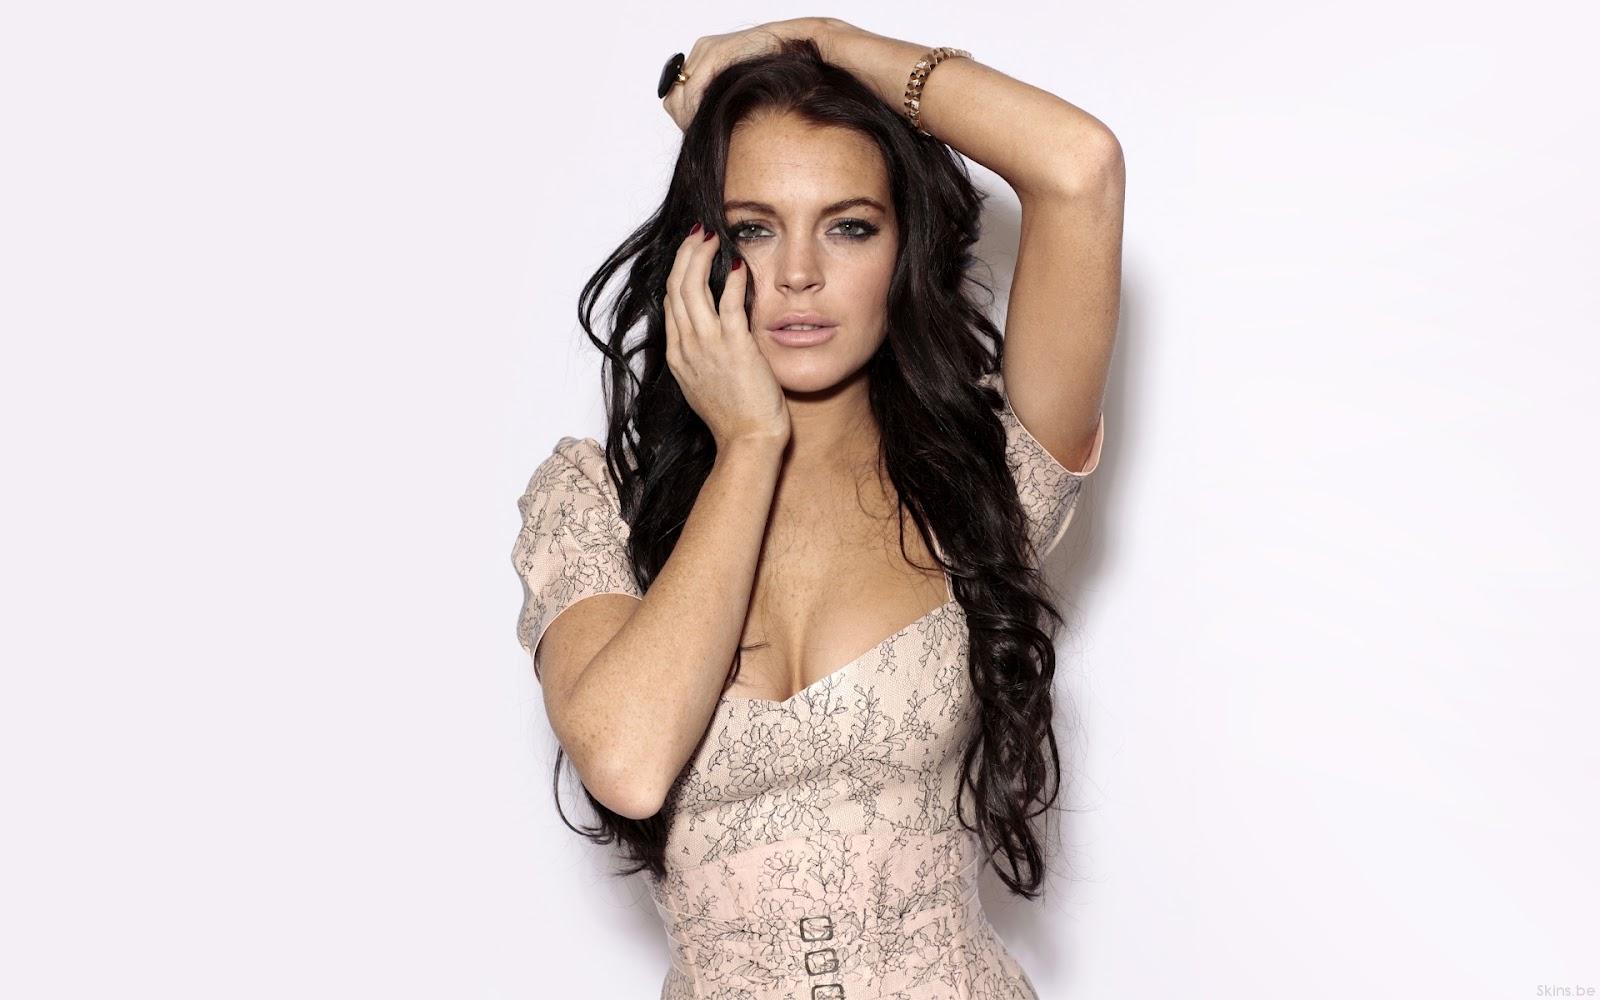 Lindsay Lohan HD Wallpapers ~ Cheer Arena | Wallpapers World Lindsay Lohan Islam